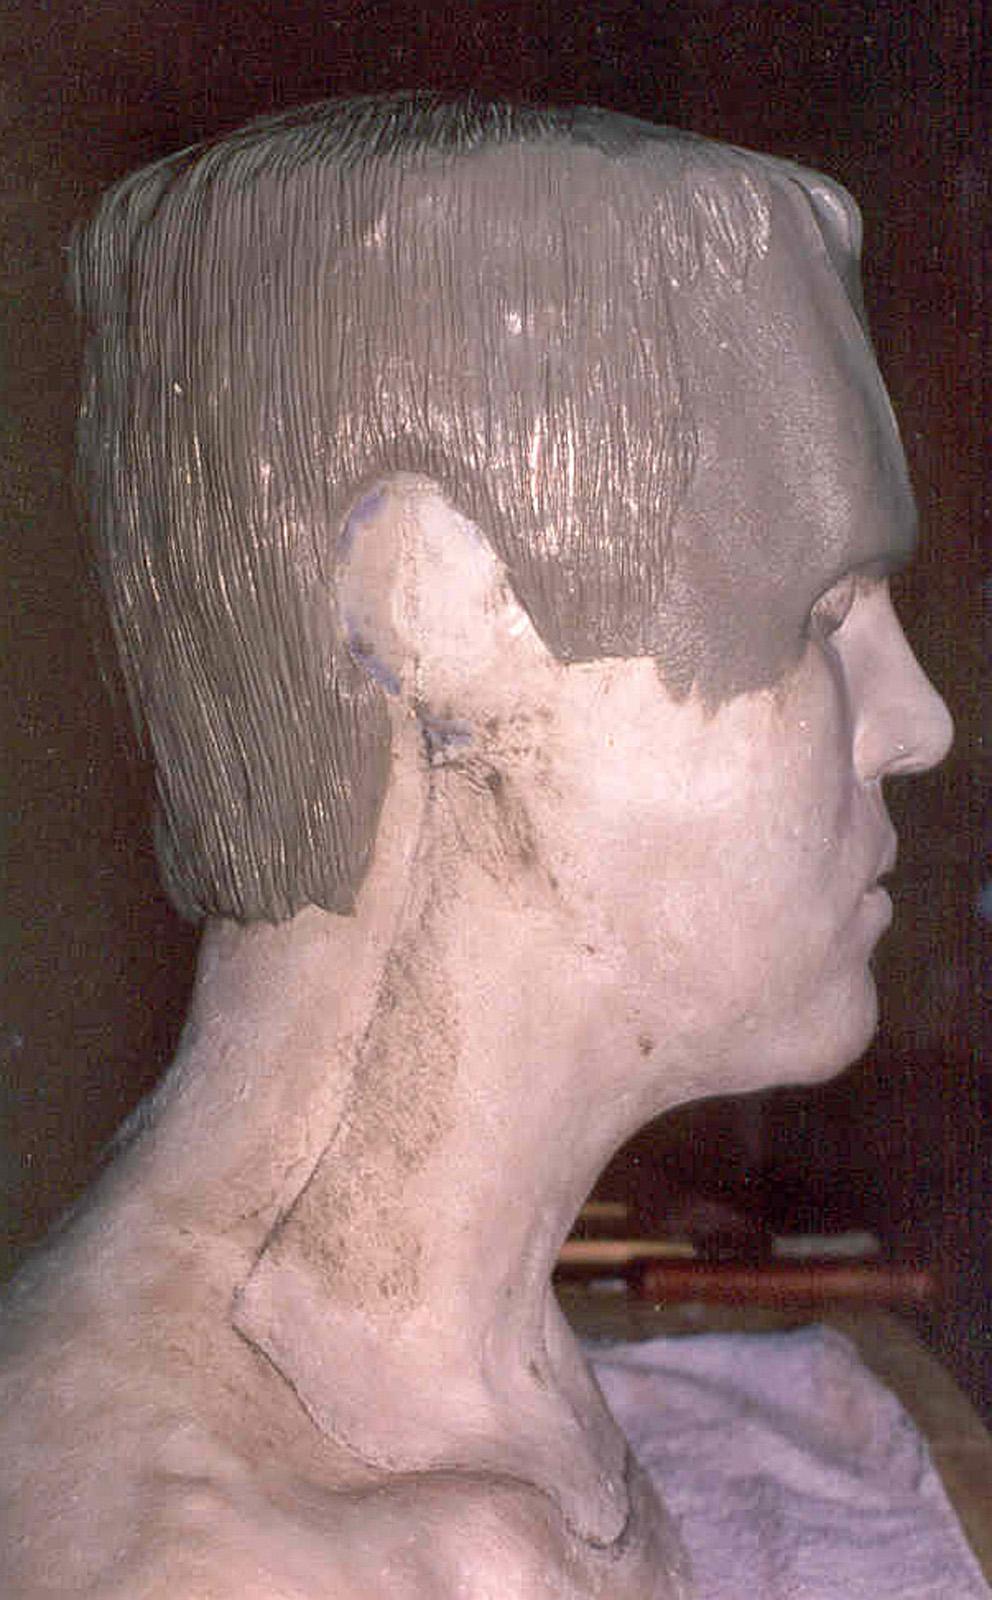 Frankenstein head piece sculpture